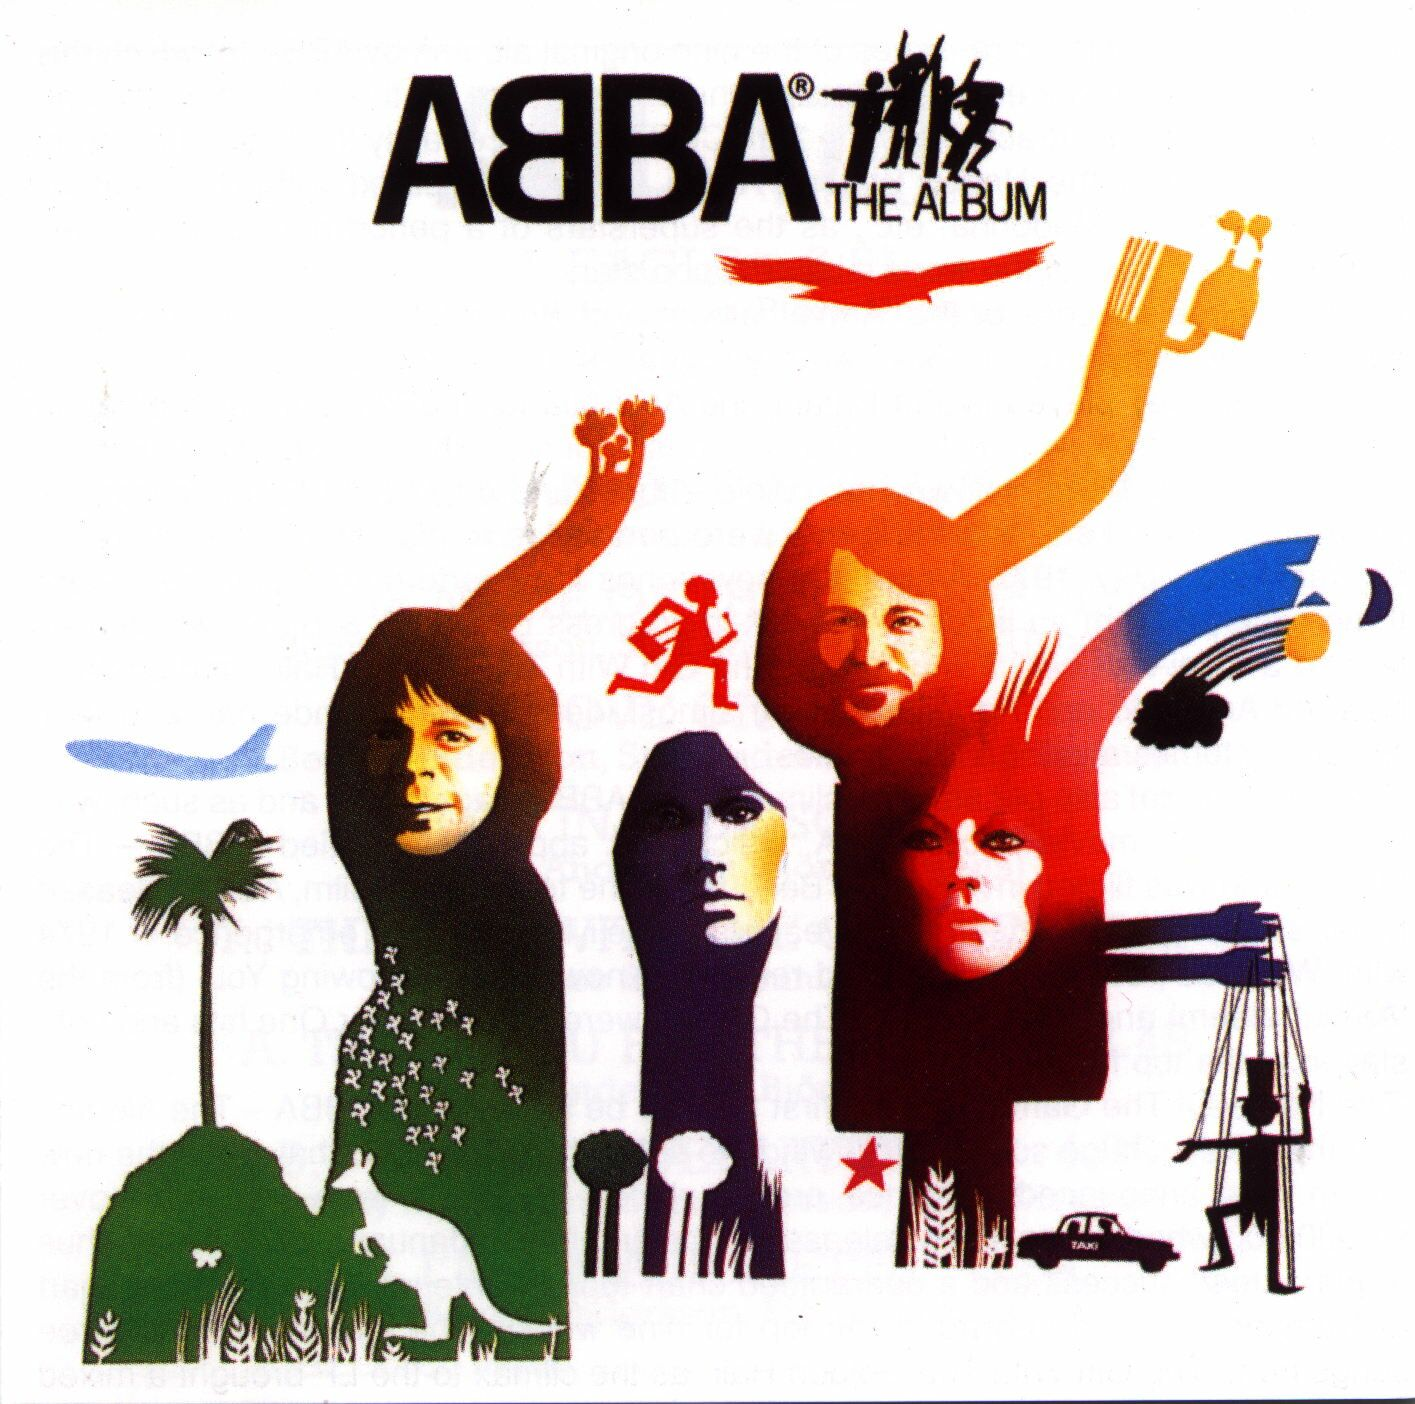 ABBA - (1977) Abba The Album.jpg